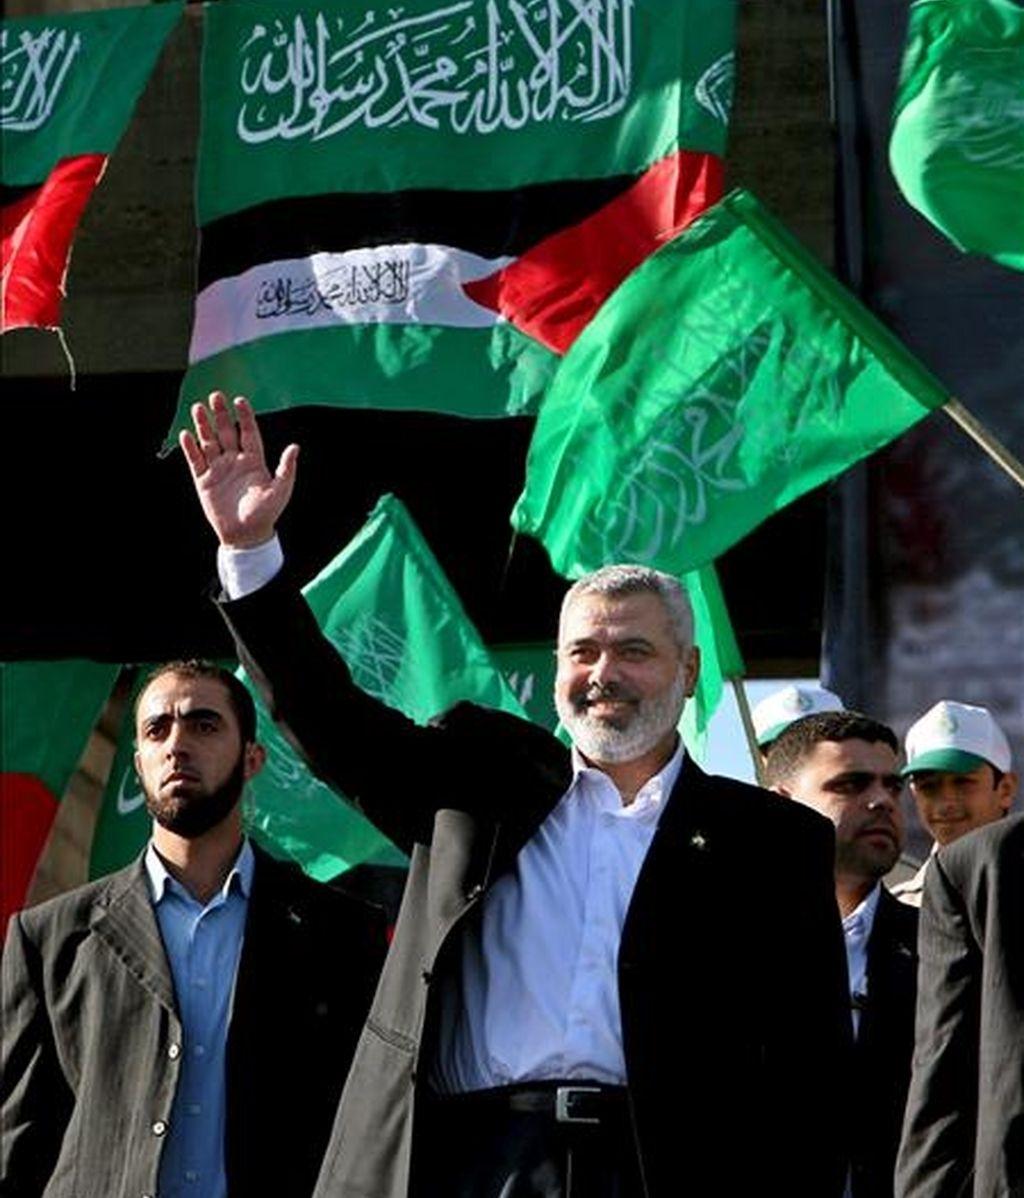 El depuesto primer ministro de facto en Gaza, Ismail Haniye, en una imagen tomada en diciembre de 2008. EFE/Archivo